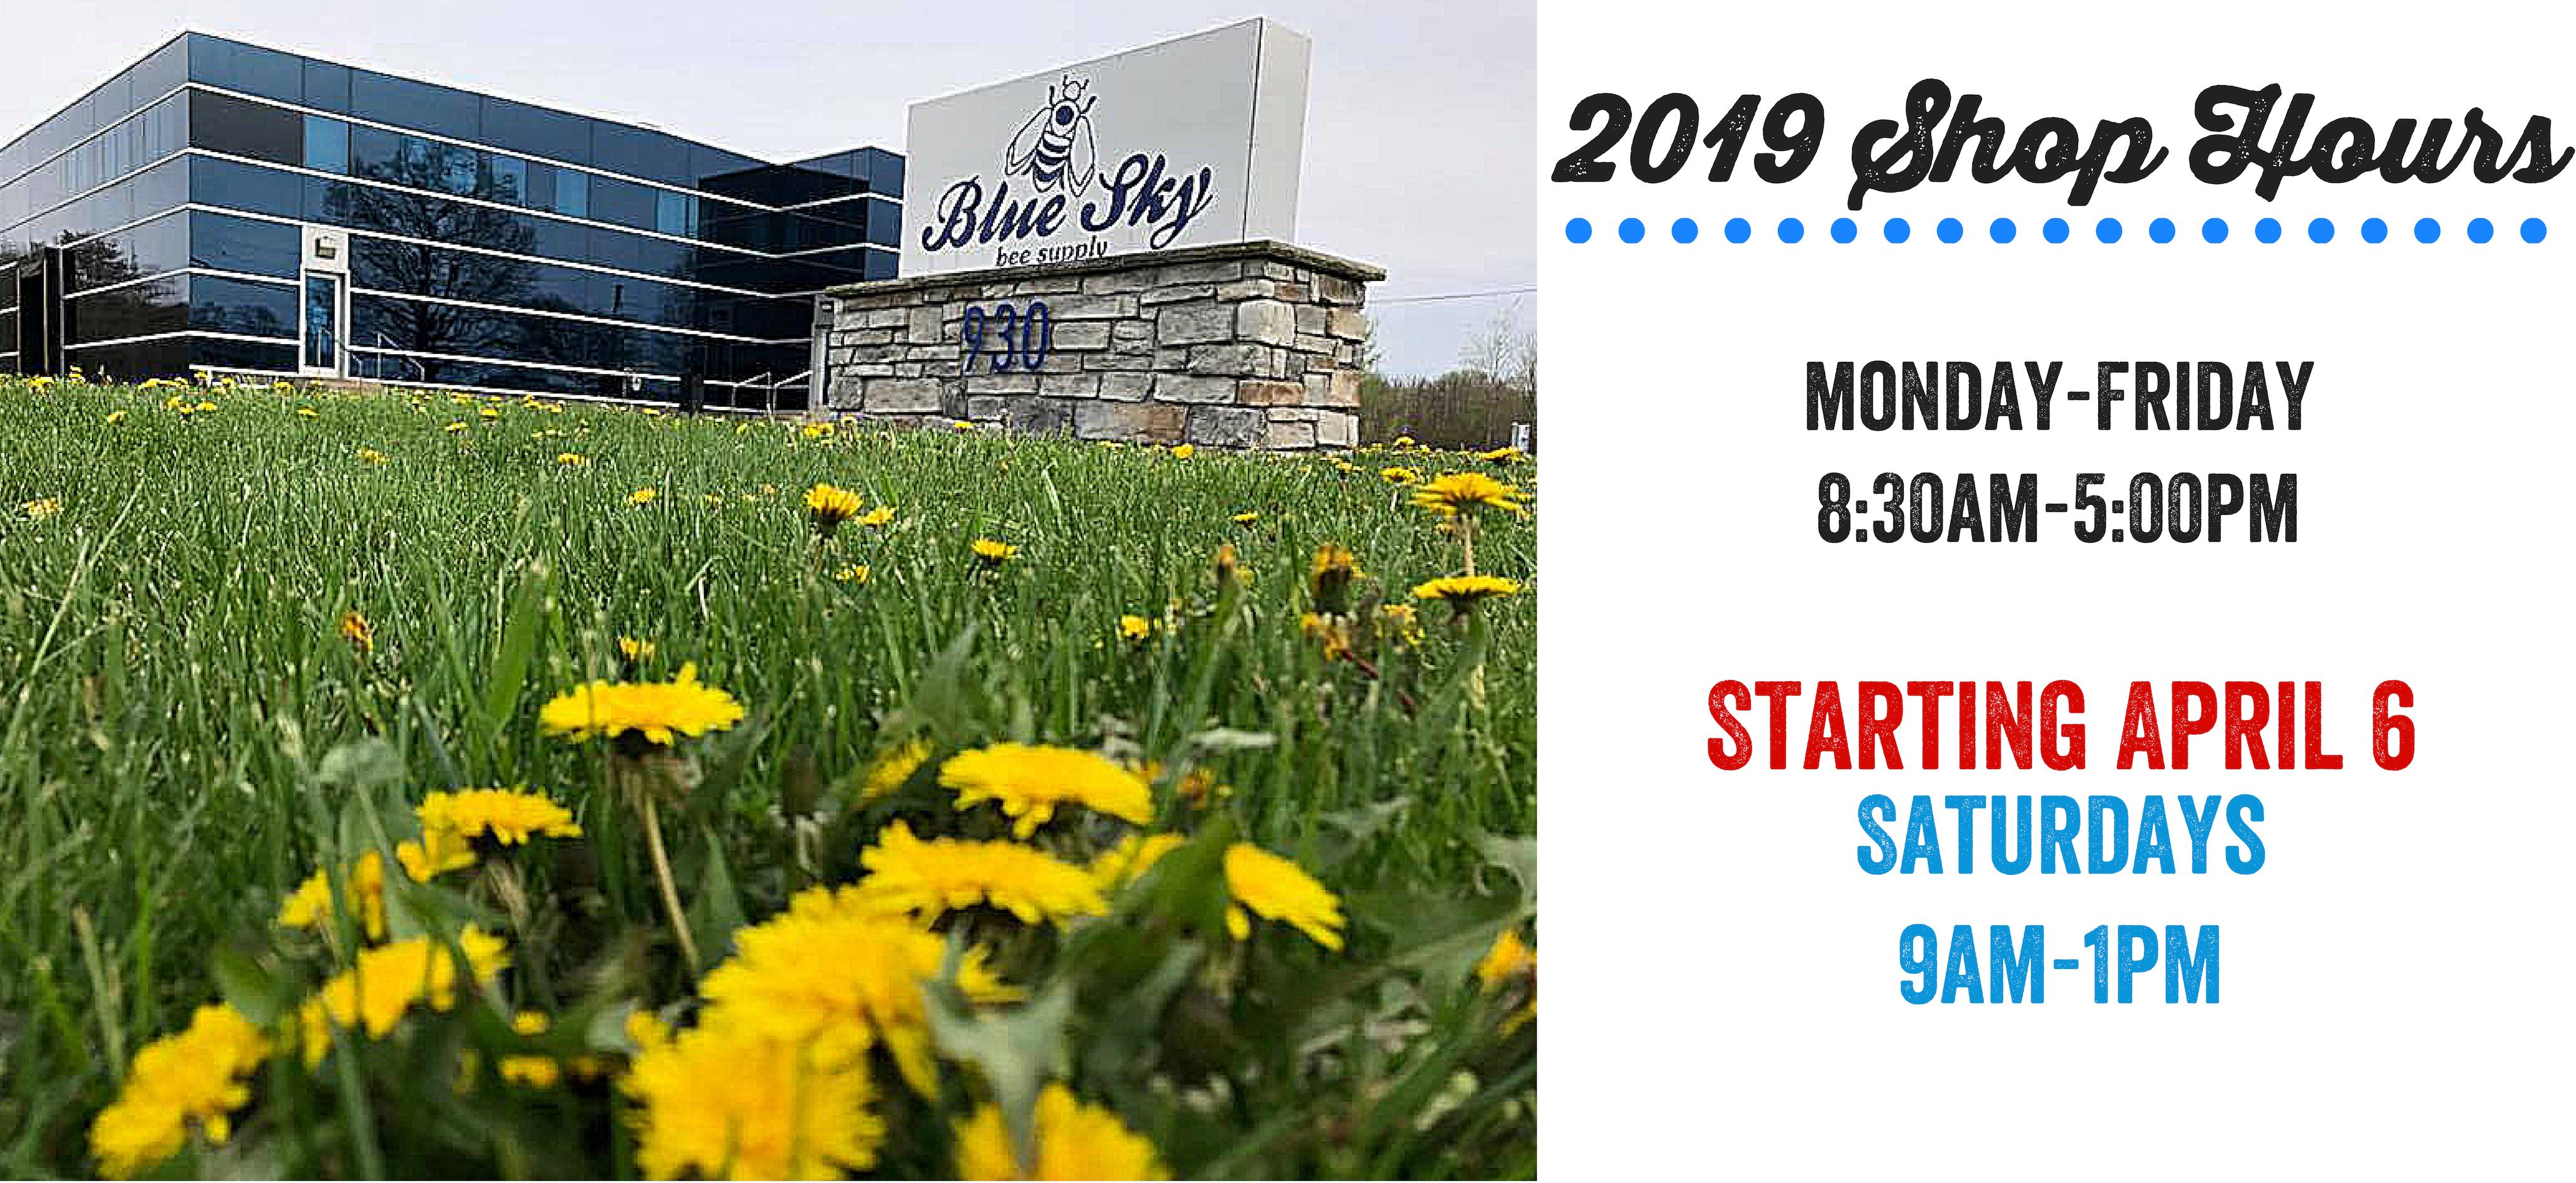 Blue Sky store hours